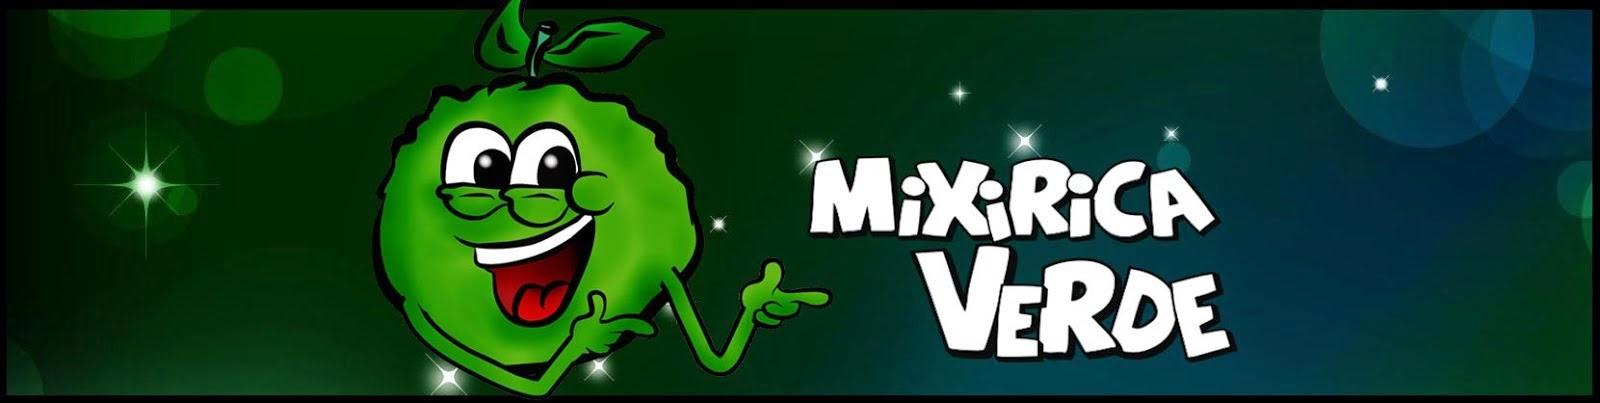 Mixirica Verde